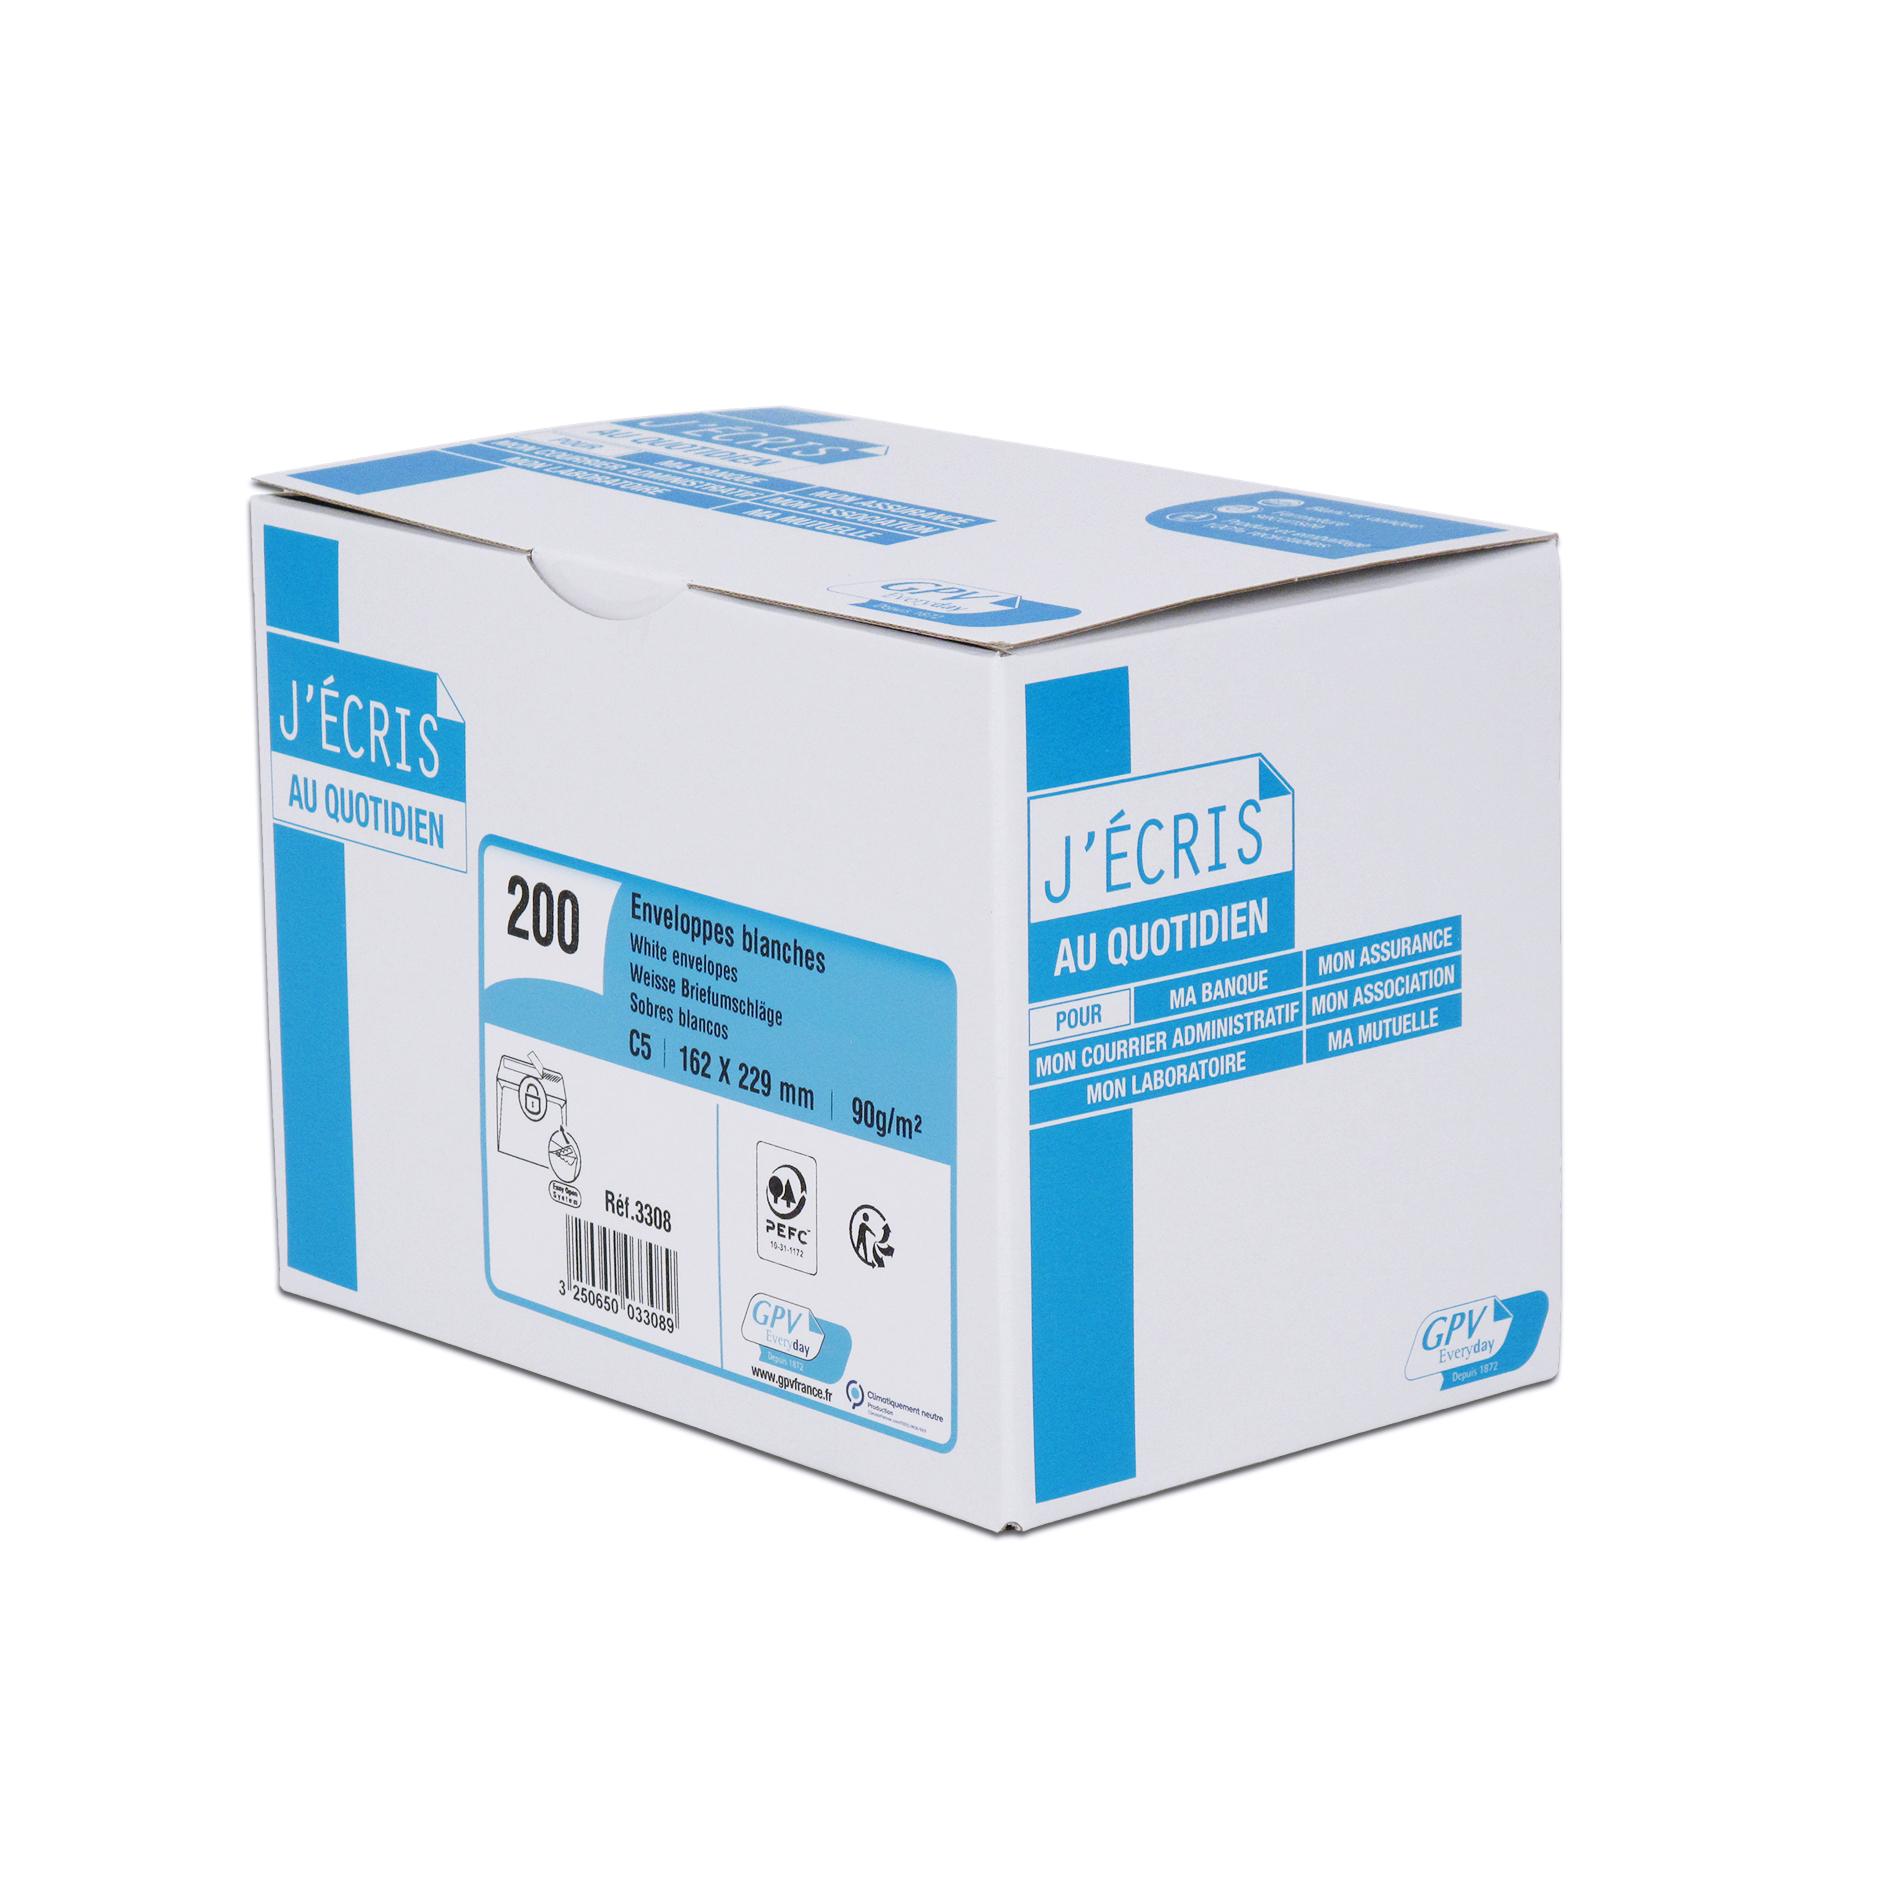 GPV - 200 Enveloppes C5 162 x 229 mm - 90 gr - sans fenêtre - blanc - bande adhésive ouverture rapide